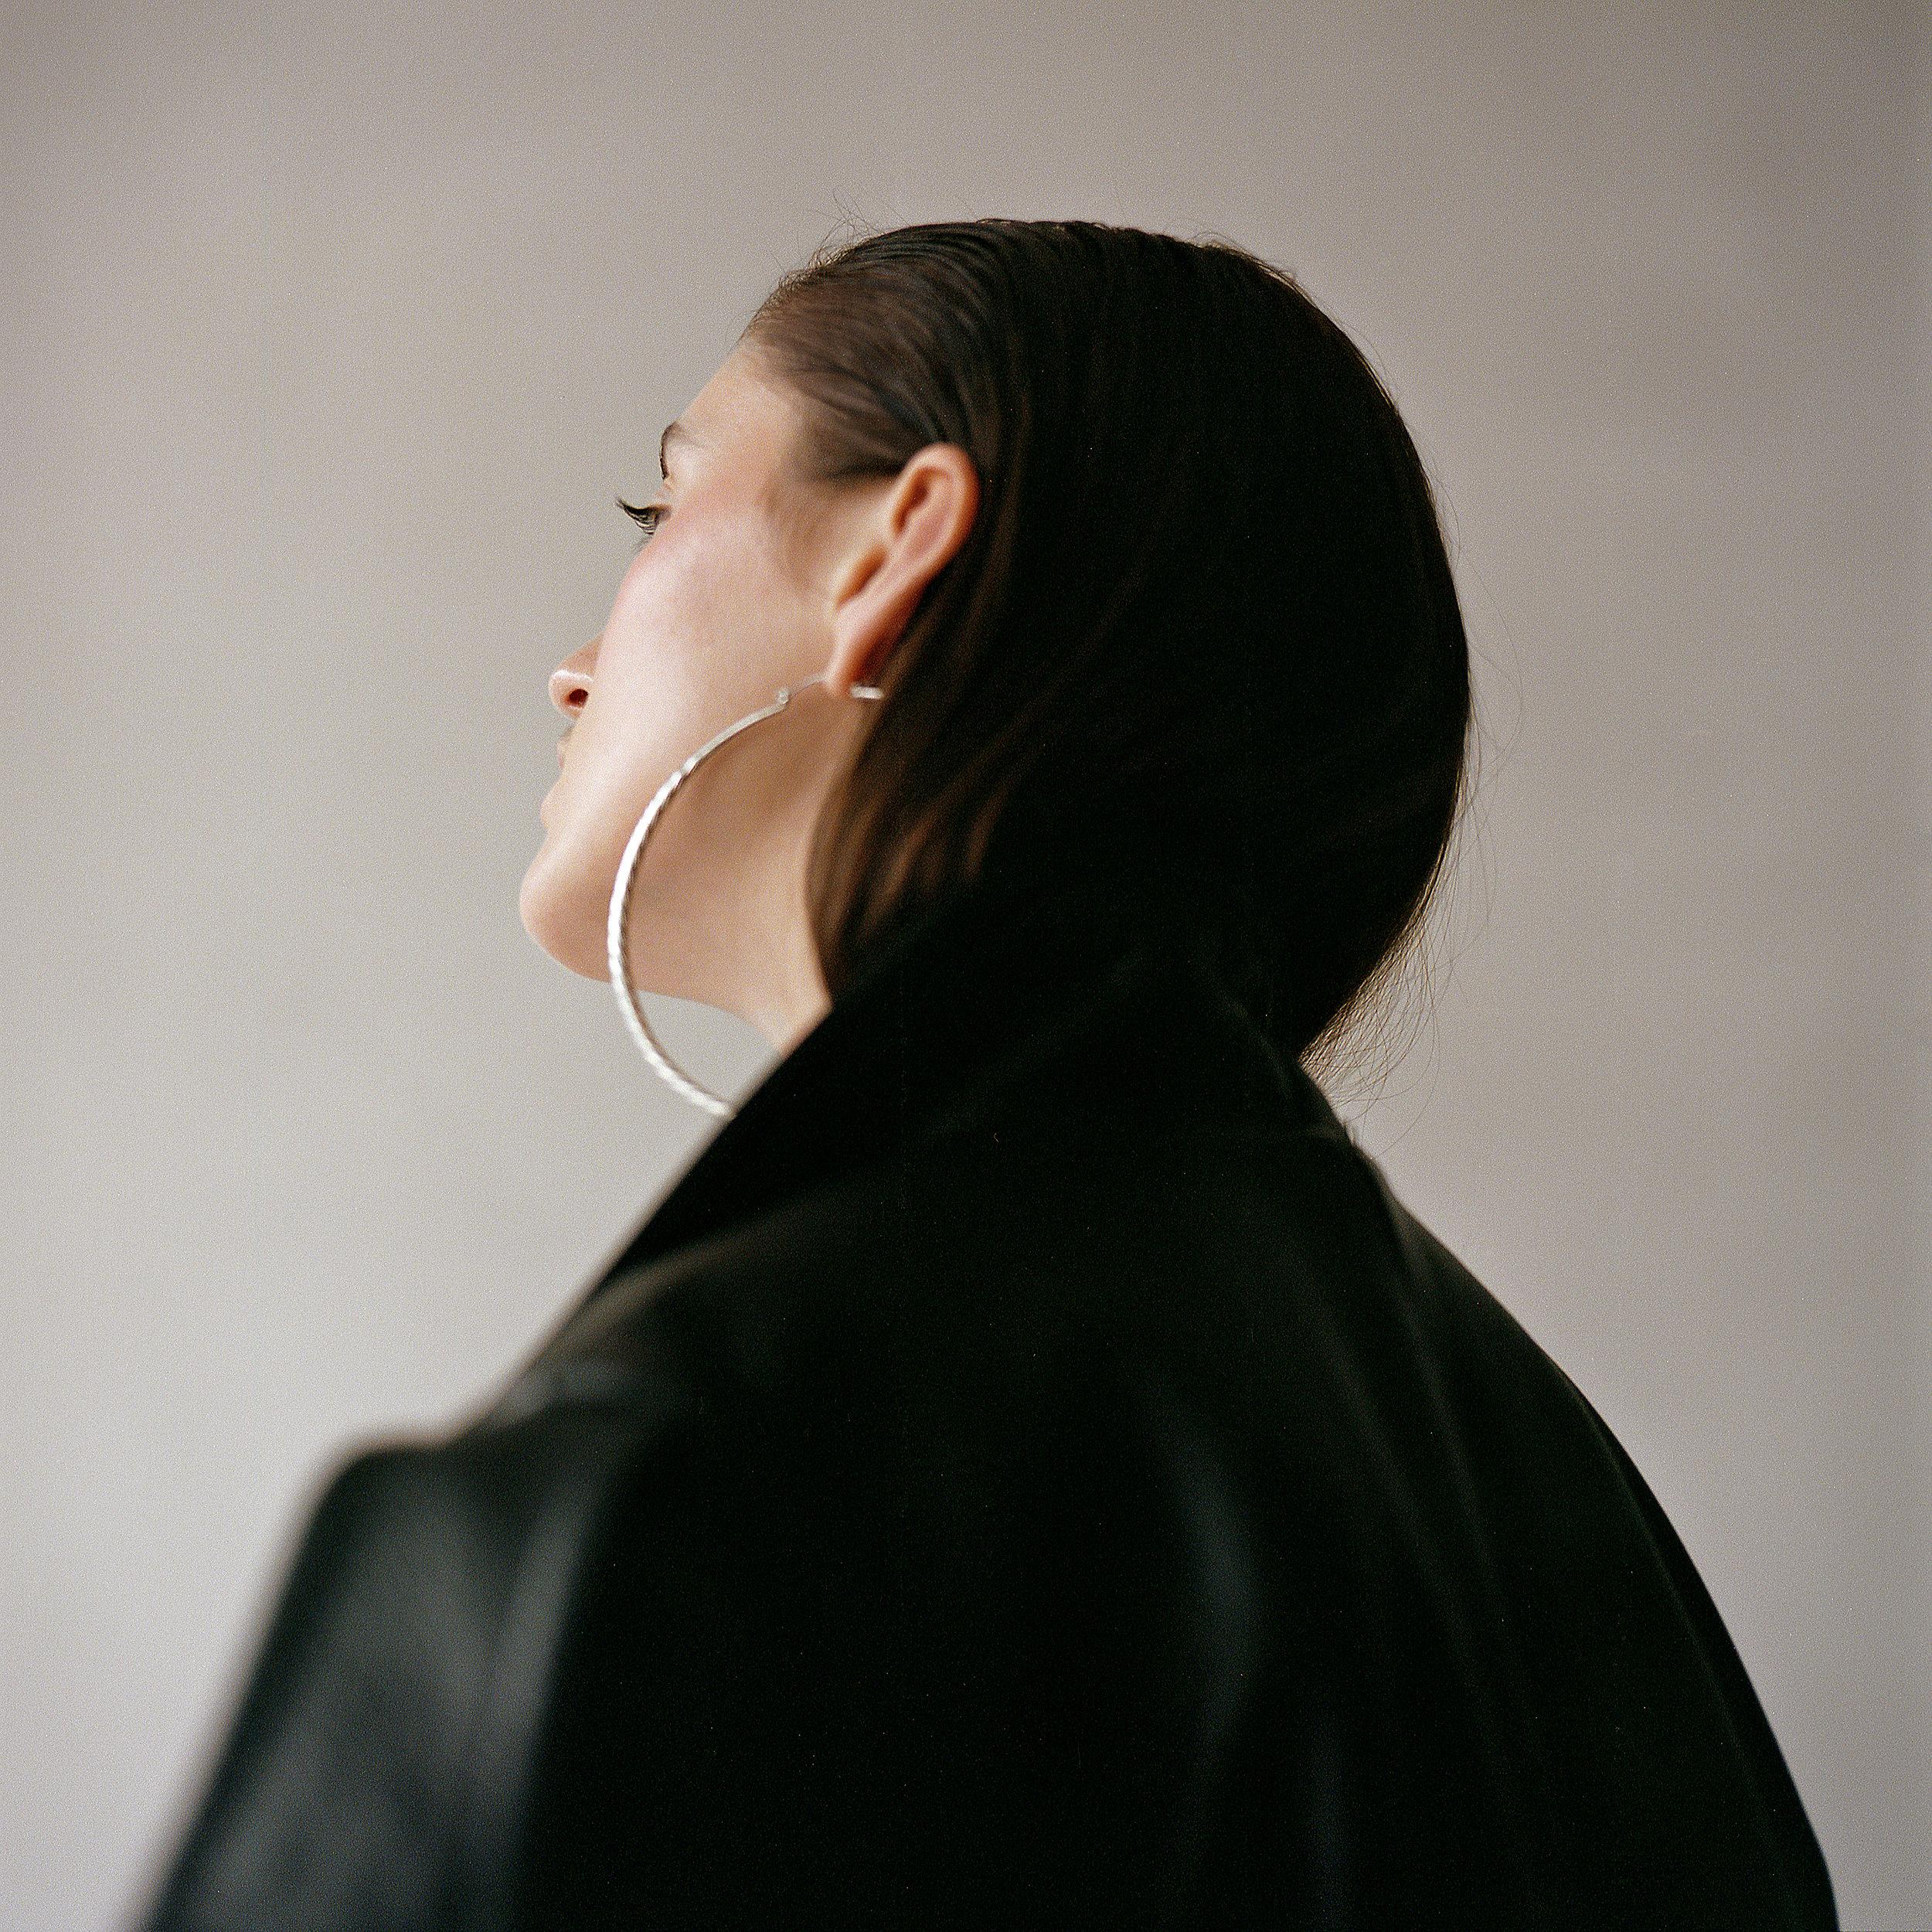 jacket LUOMO STRANO, earrings JENNIFER FISHER,